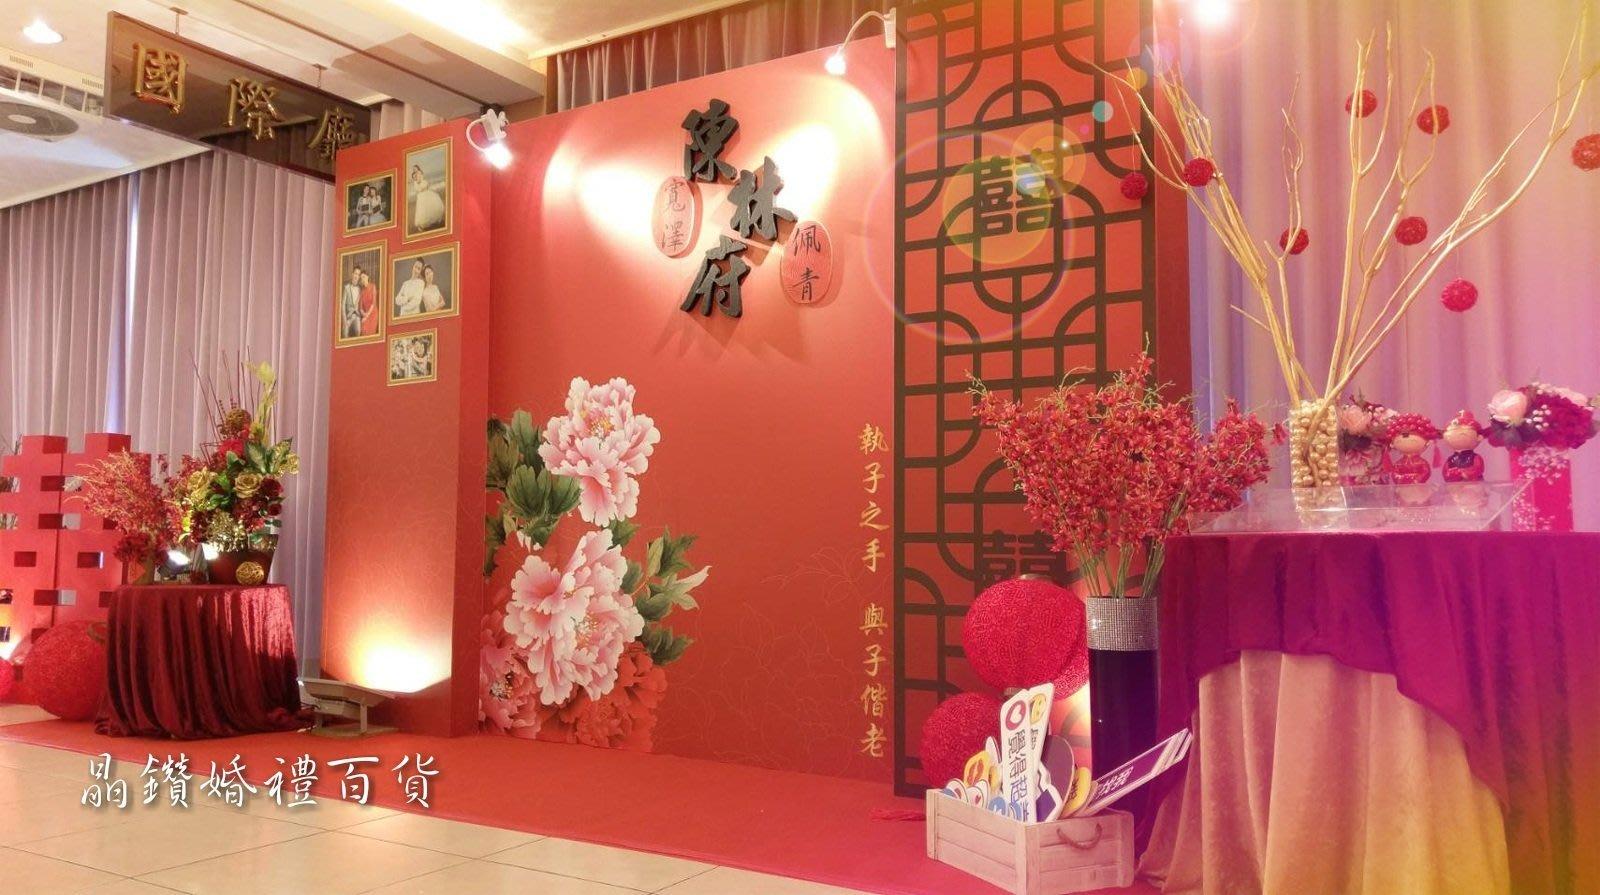 ♥晶鑽婚禮用品♥中國風主題婚禮佈置 婚紗照背板 結婚佈置 婚禮小物 宴席包辦 音響樂團 結婚佈置